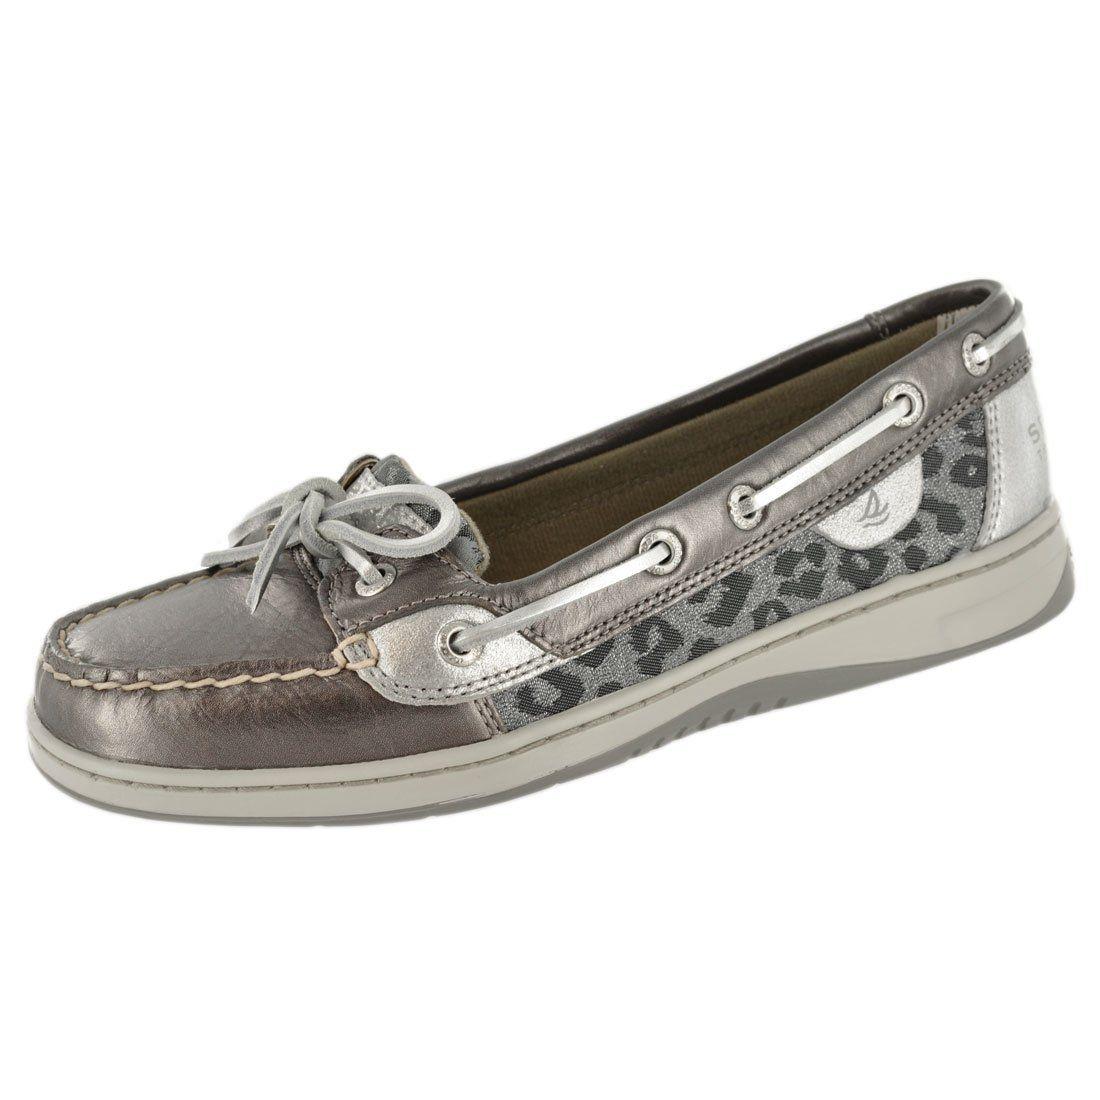 Sperry Women's Shoes Angelfish Metallic